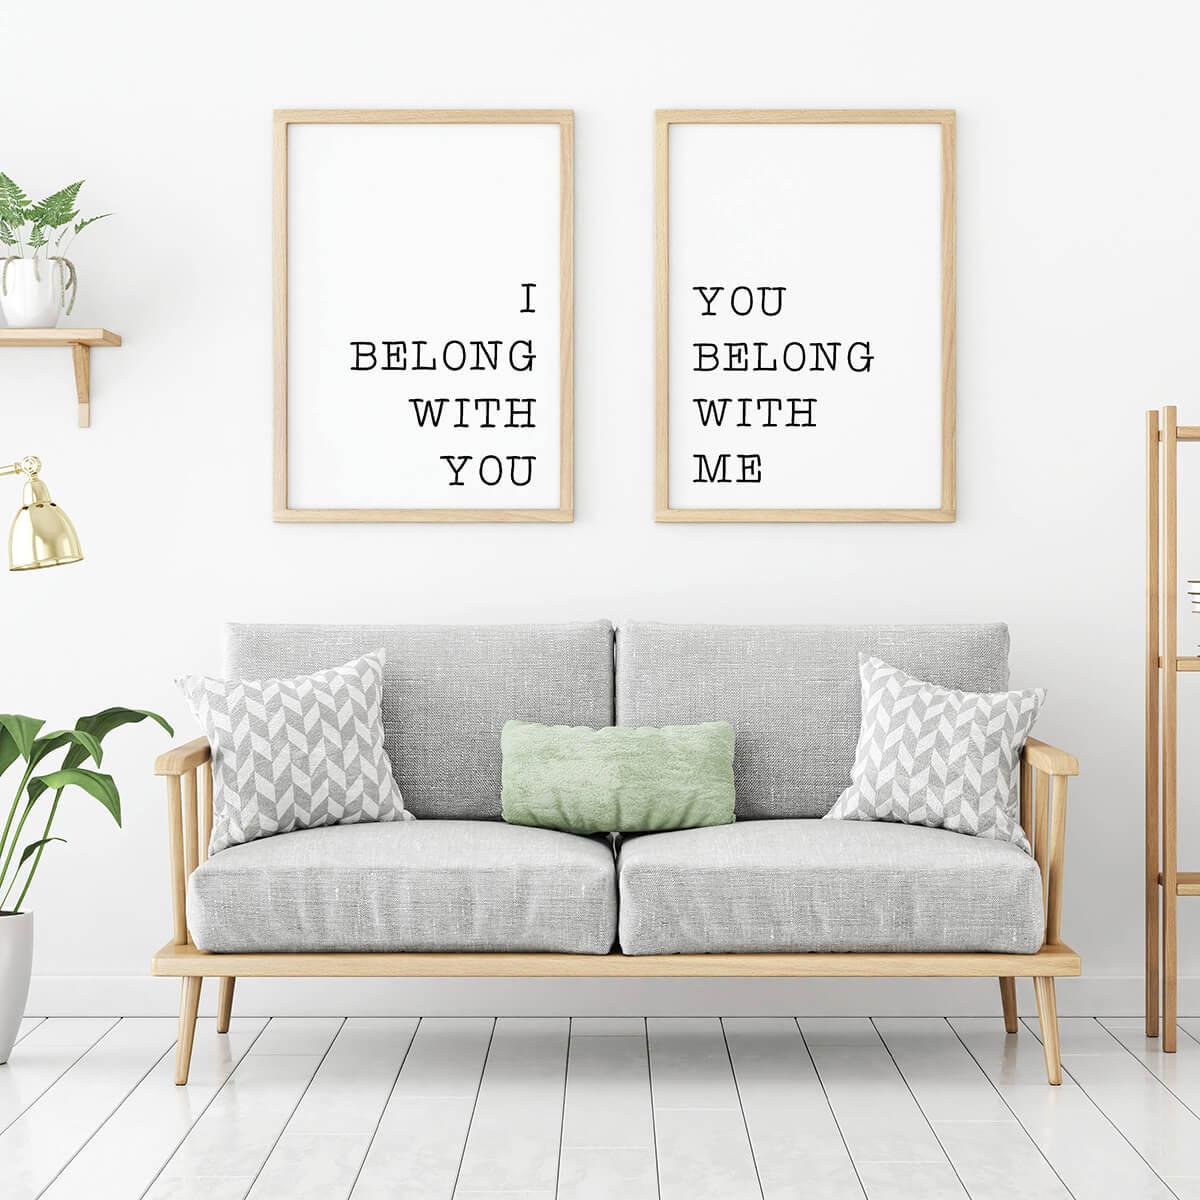 Romantic Two-Part Artistic Panel Prints